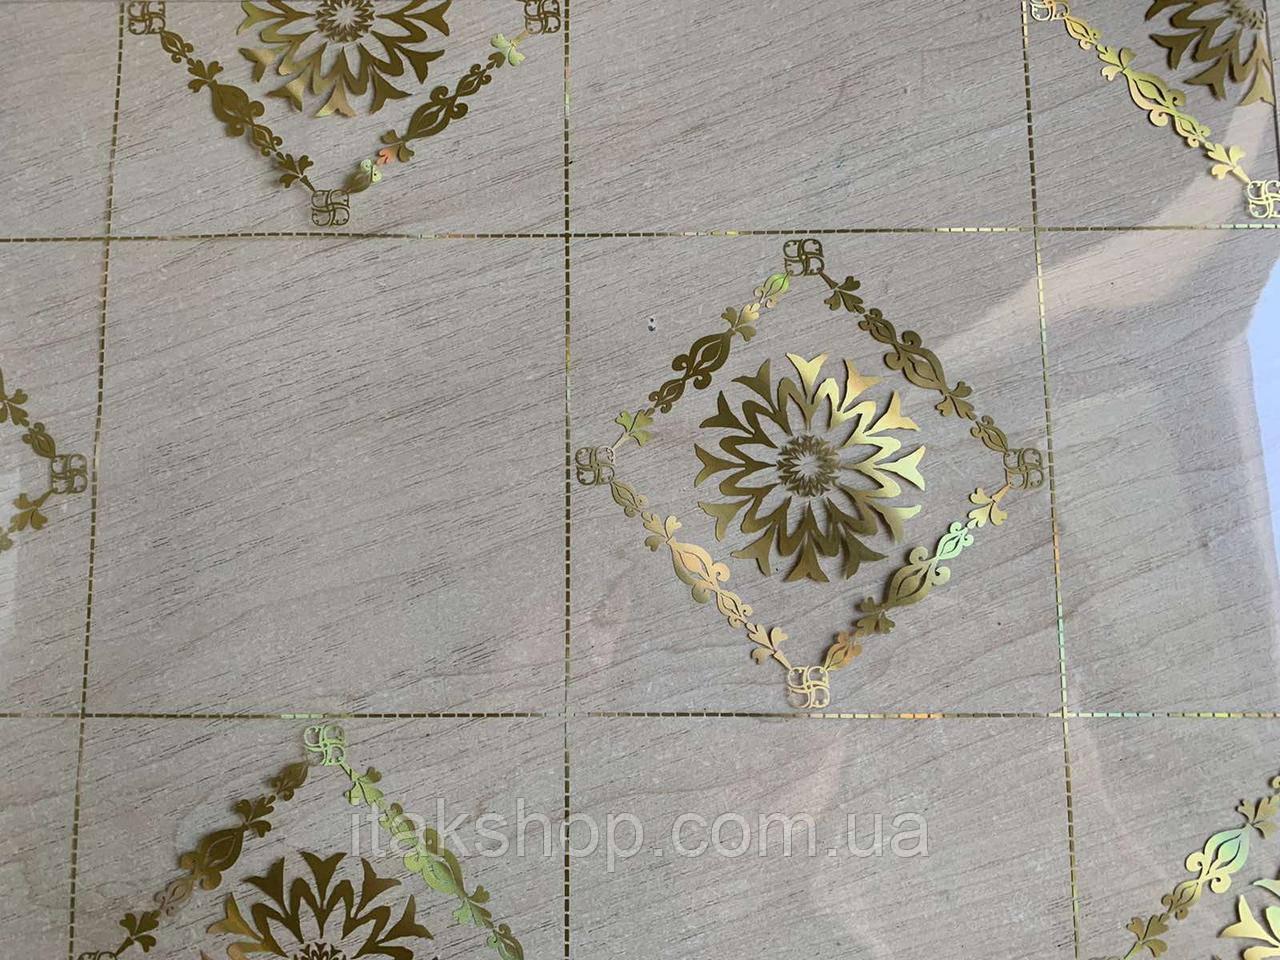 Мягкое стекло Скатерть с лазерным рисунком для мебели Soft Glass 1.3х0.8м толщина 1.5мм Золотистая клетка